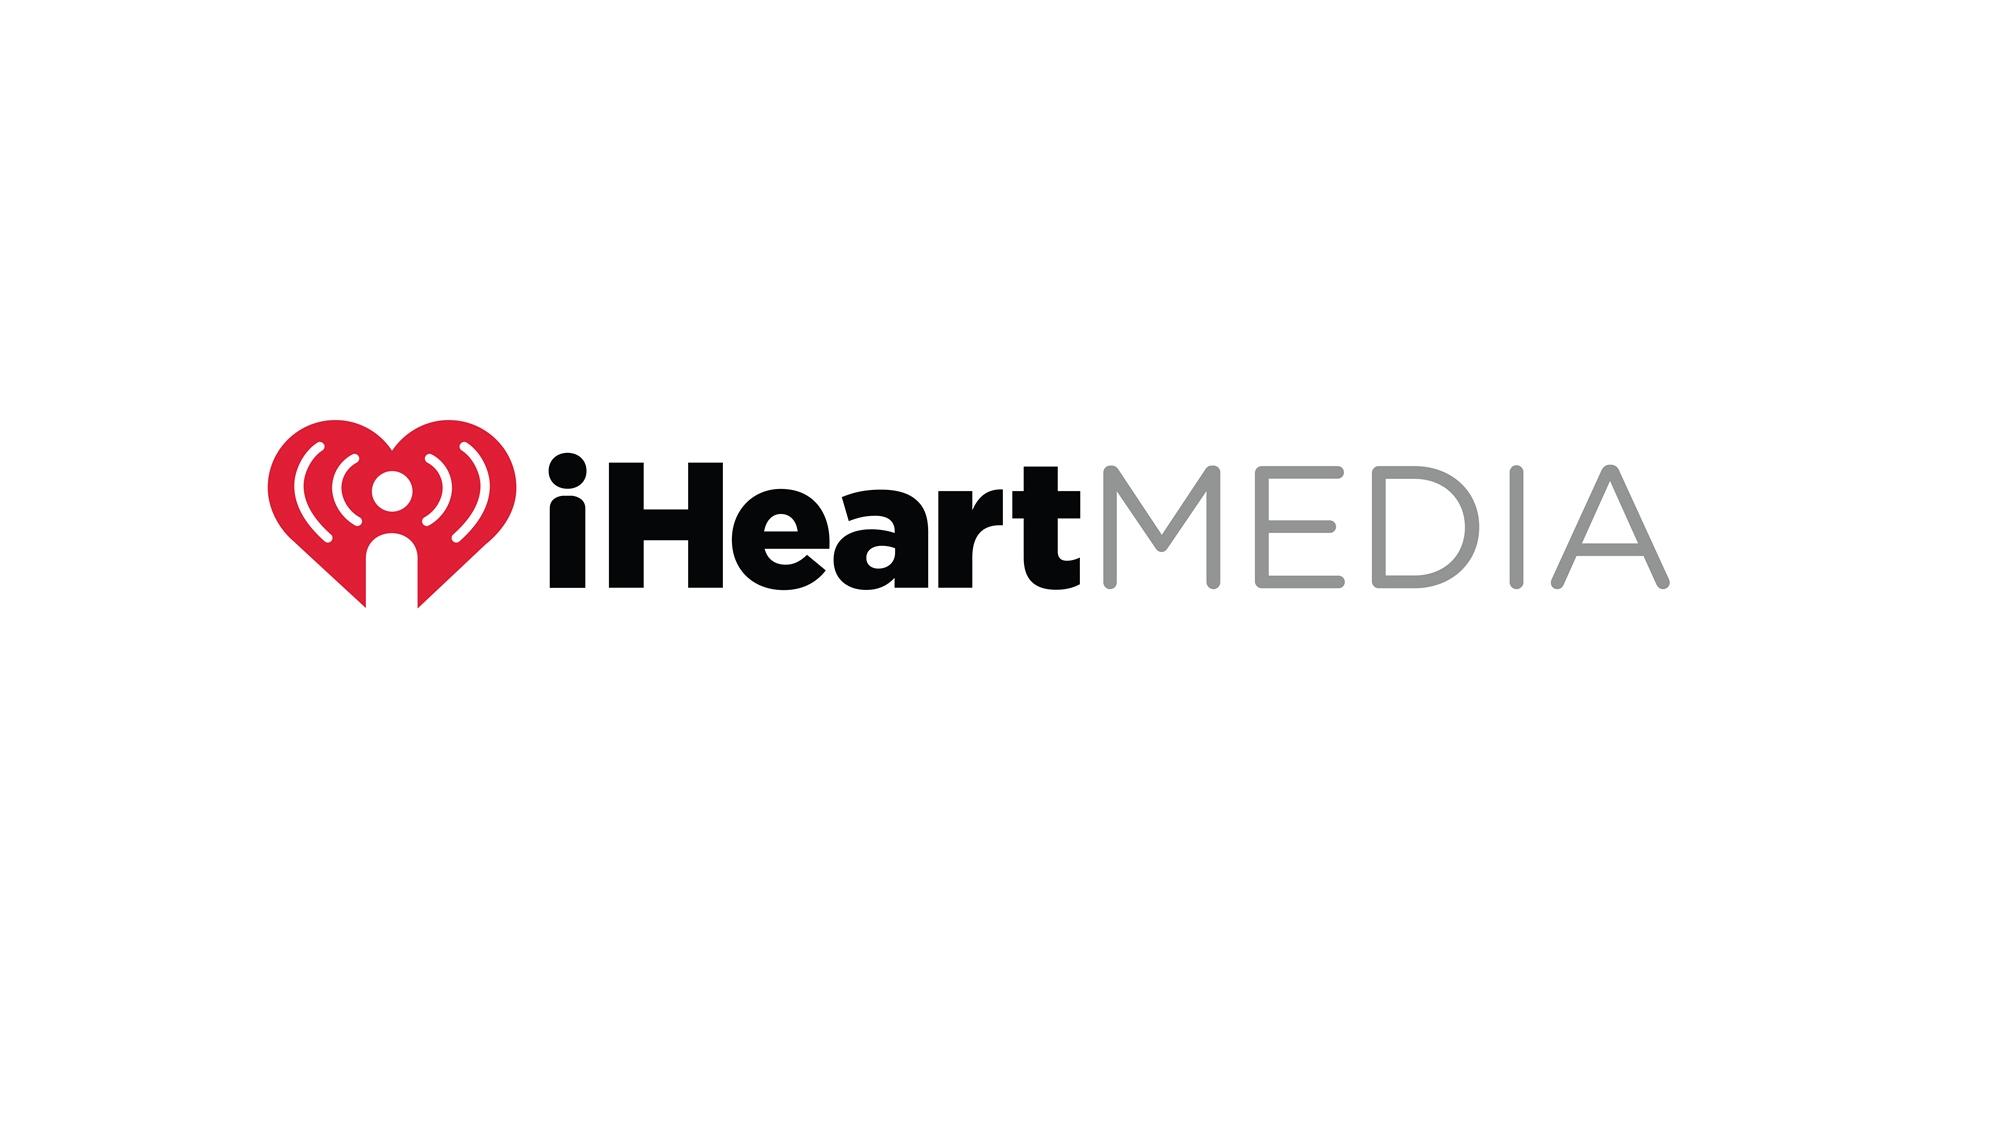 logo logo 标志 设计 矢量 矢量图 素材 图标 2000_1125